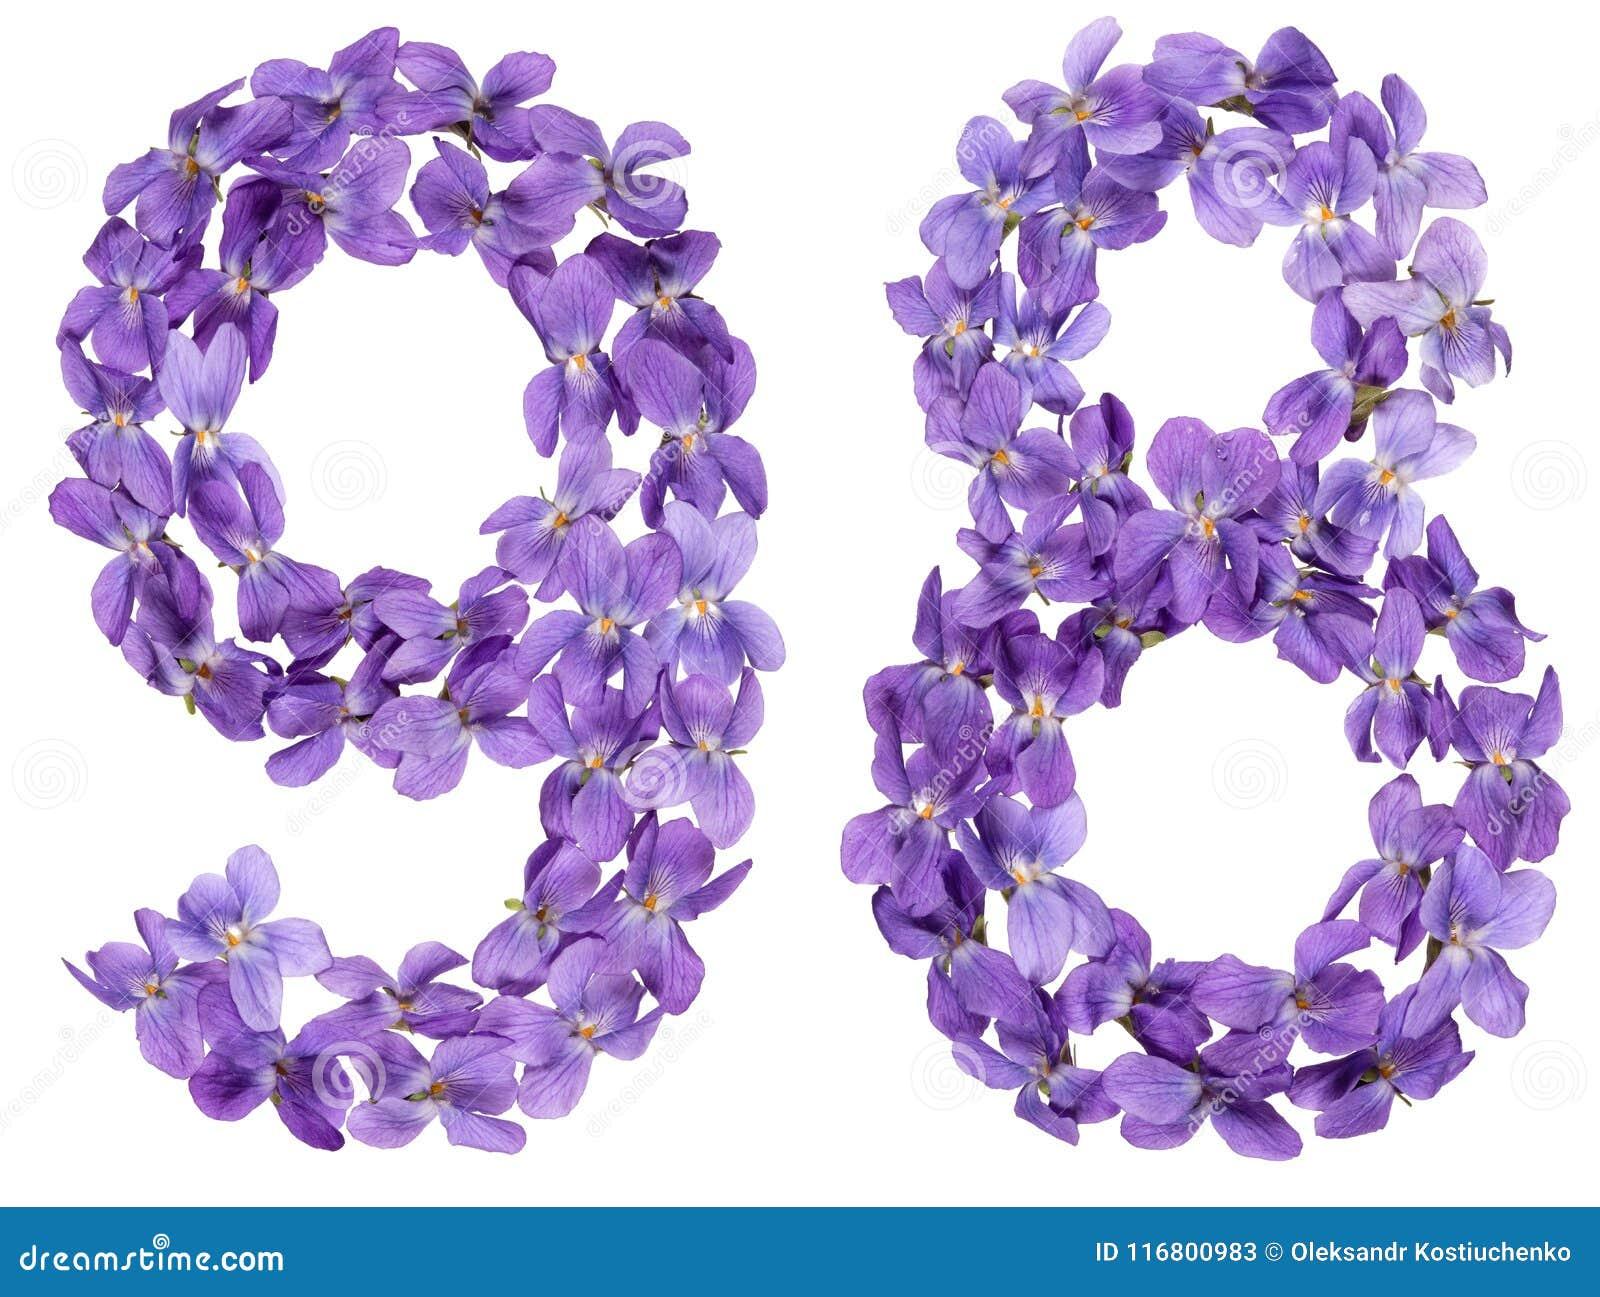 Numero arabo 98, novantotto, dai fiori della viola, isolati